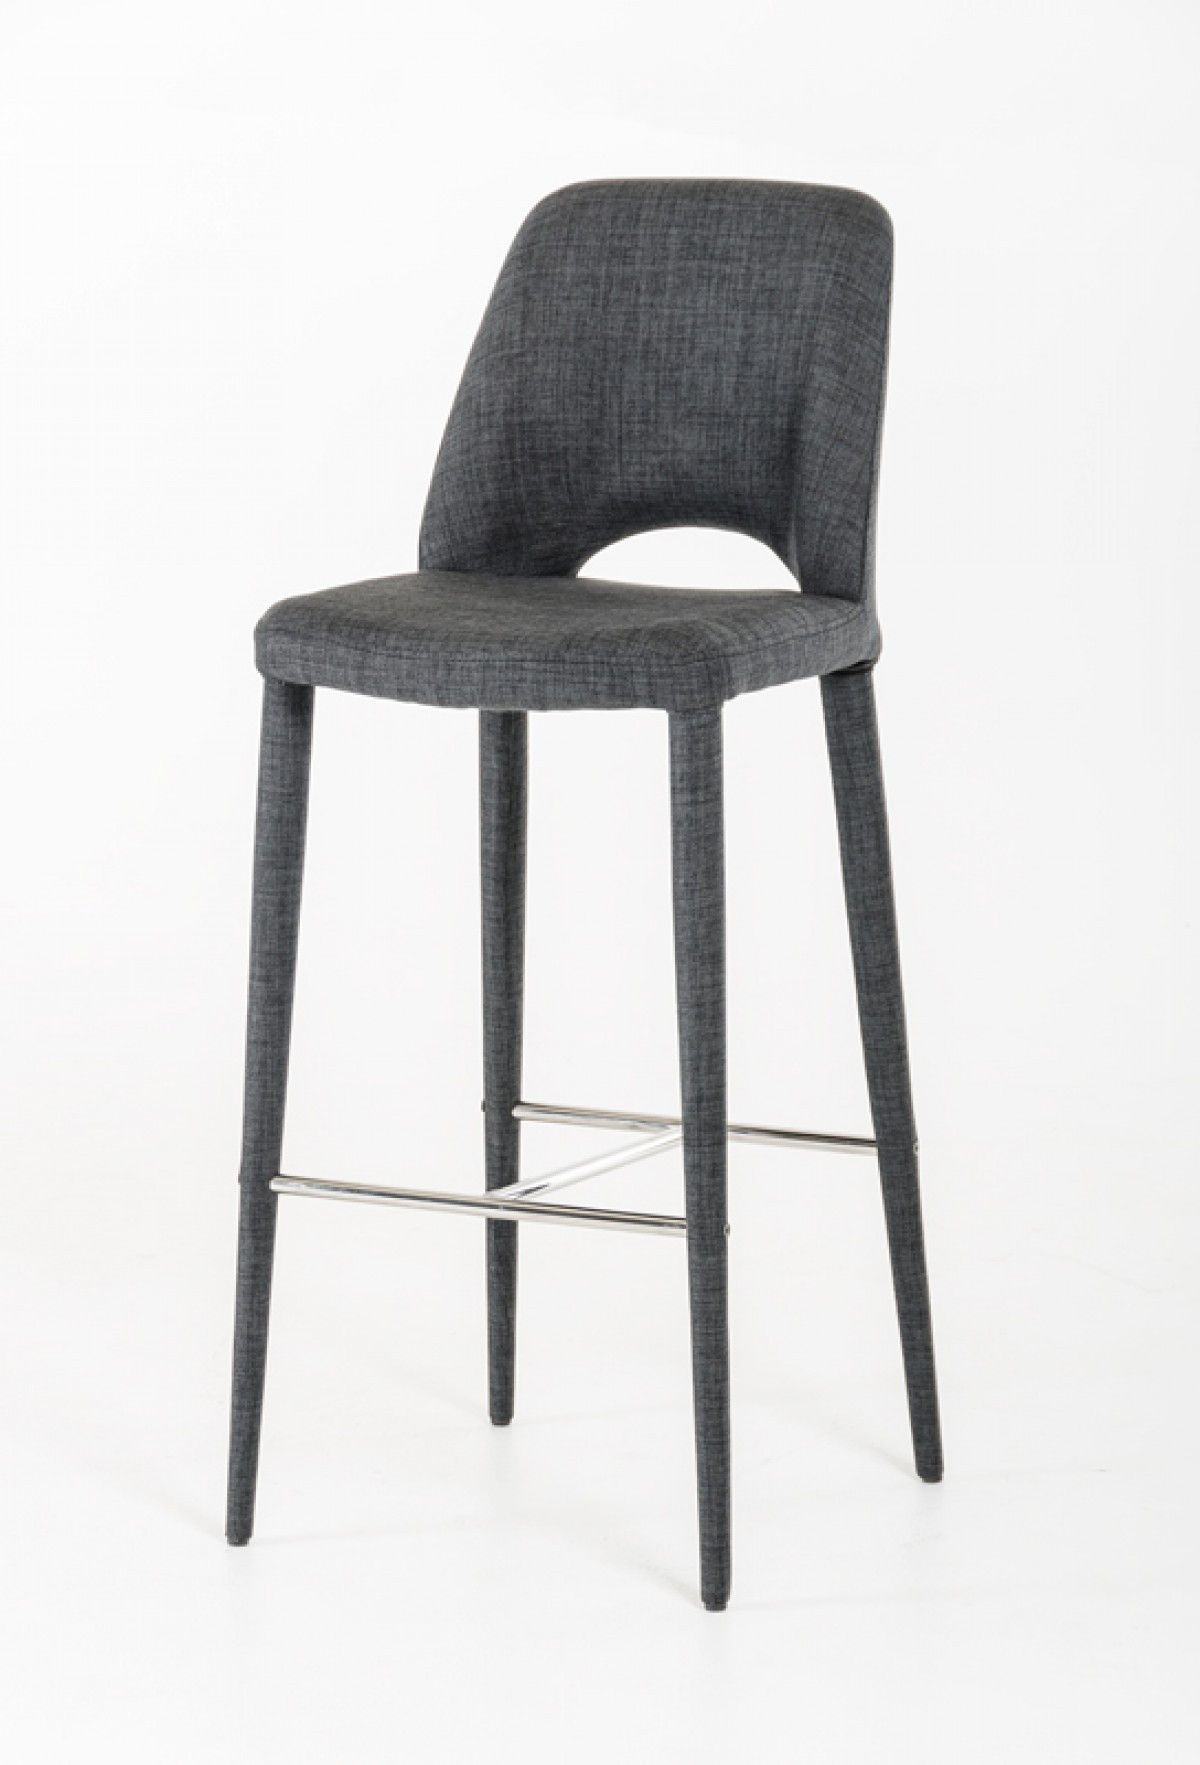 Modern Dark Grey Fabric Bar Stool Modrest Williamette VGEUMC 8980CH B GRY